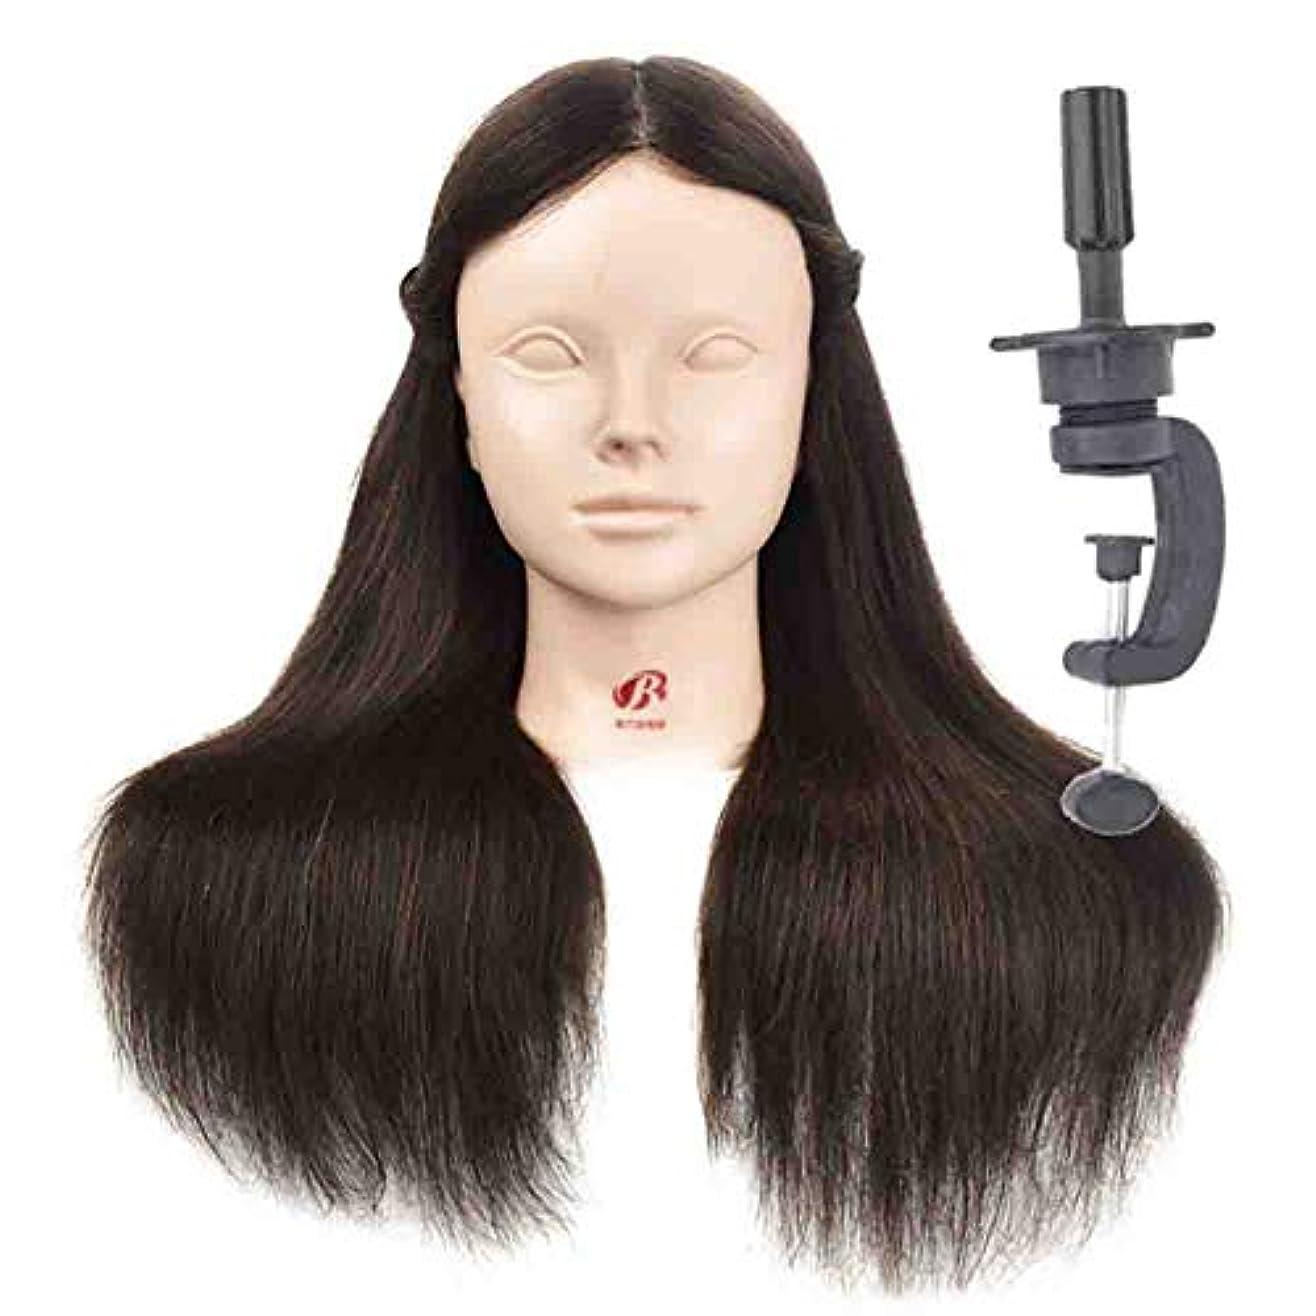 喜ぶ偽善者商業のMakeup Modeling Learning Dummy Head Real Human Hair Practice Head Model Hair Salon Model Head Can be Hot Dyed